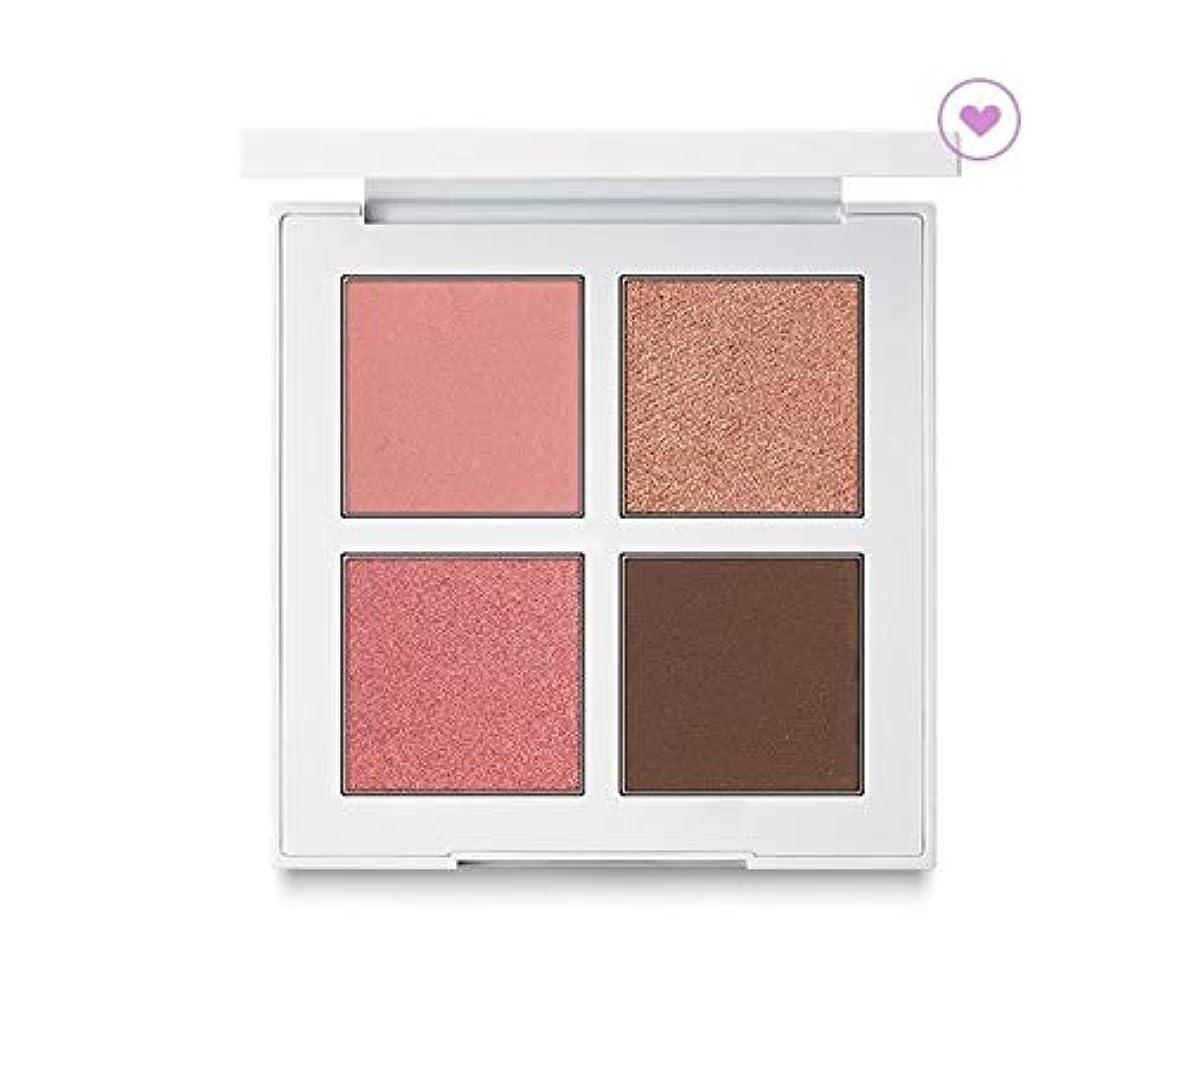 アームストロングドラムインゲンbanilaco アイクラッシュシャドウパレット01ピンククラッシュ / Eye Crush Shadow Palette 01 Pink Crush 1.6g * 4 [並行輸入品]